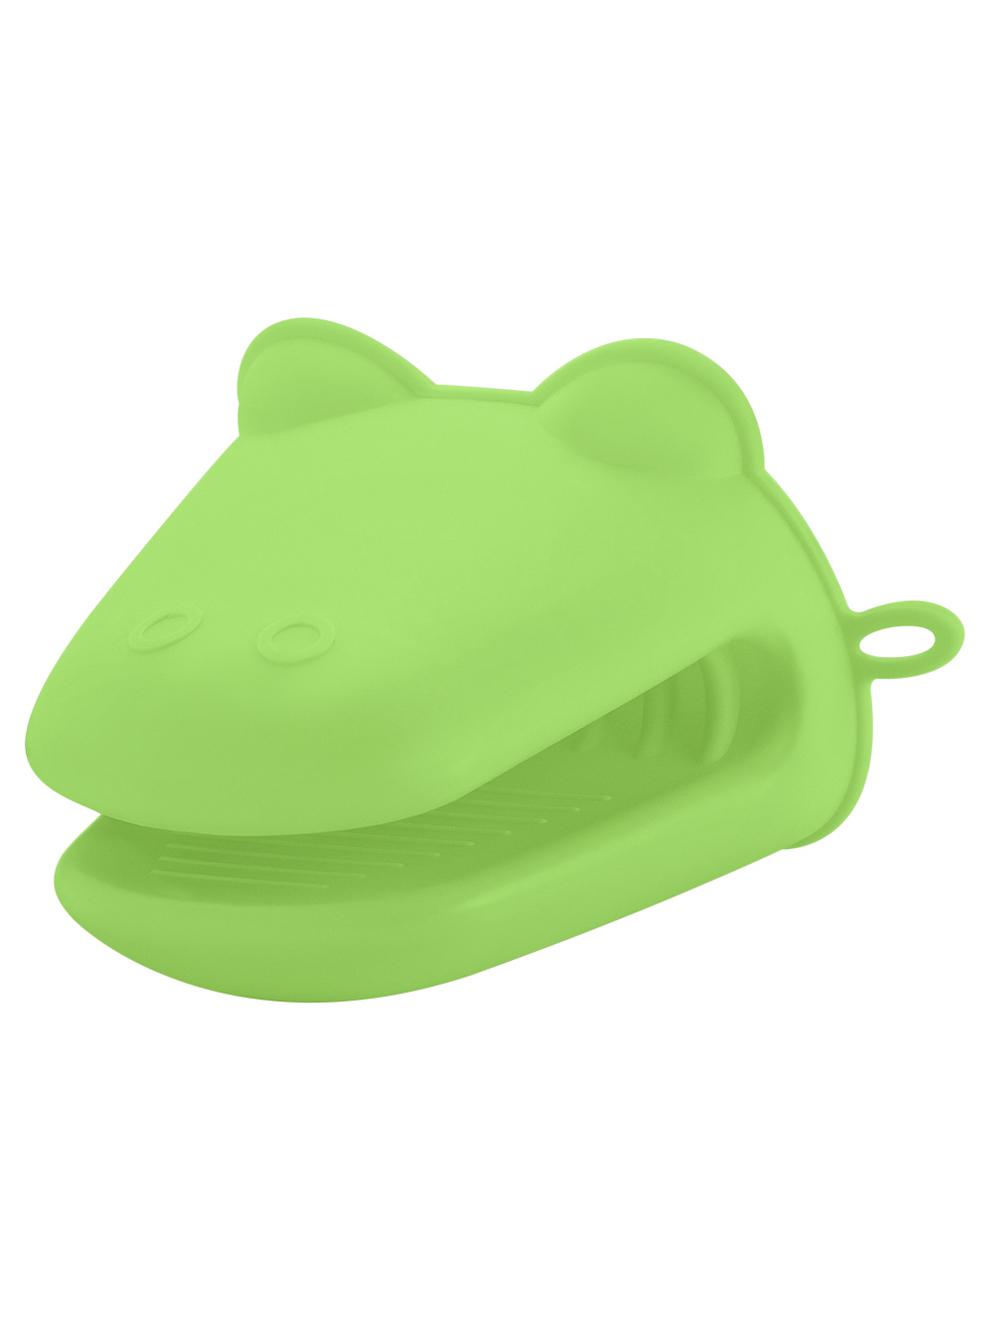 Прихватка силиконовая Guffman зелёная